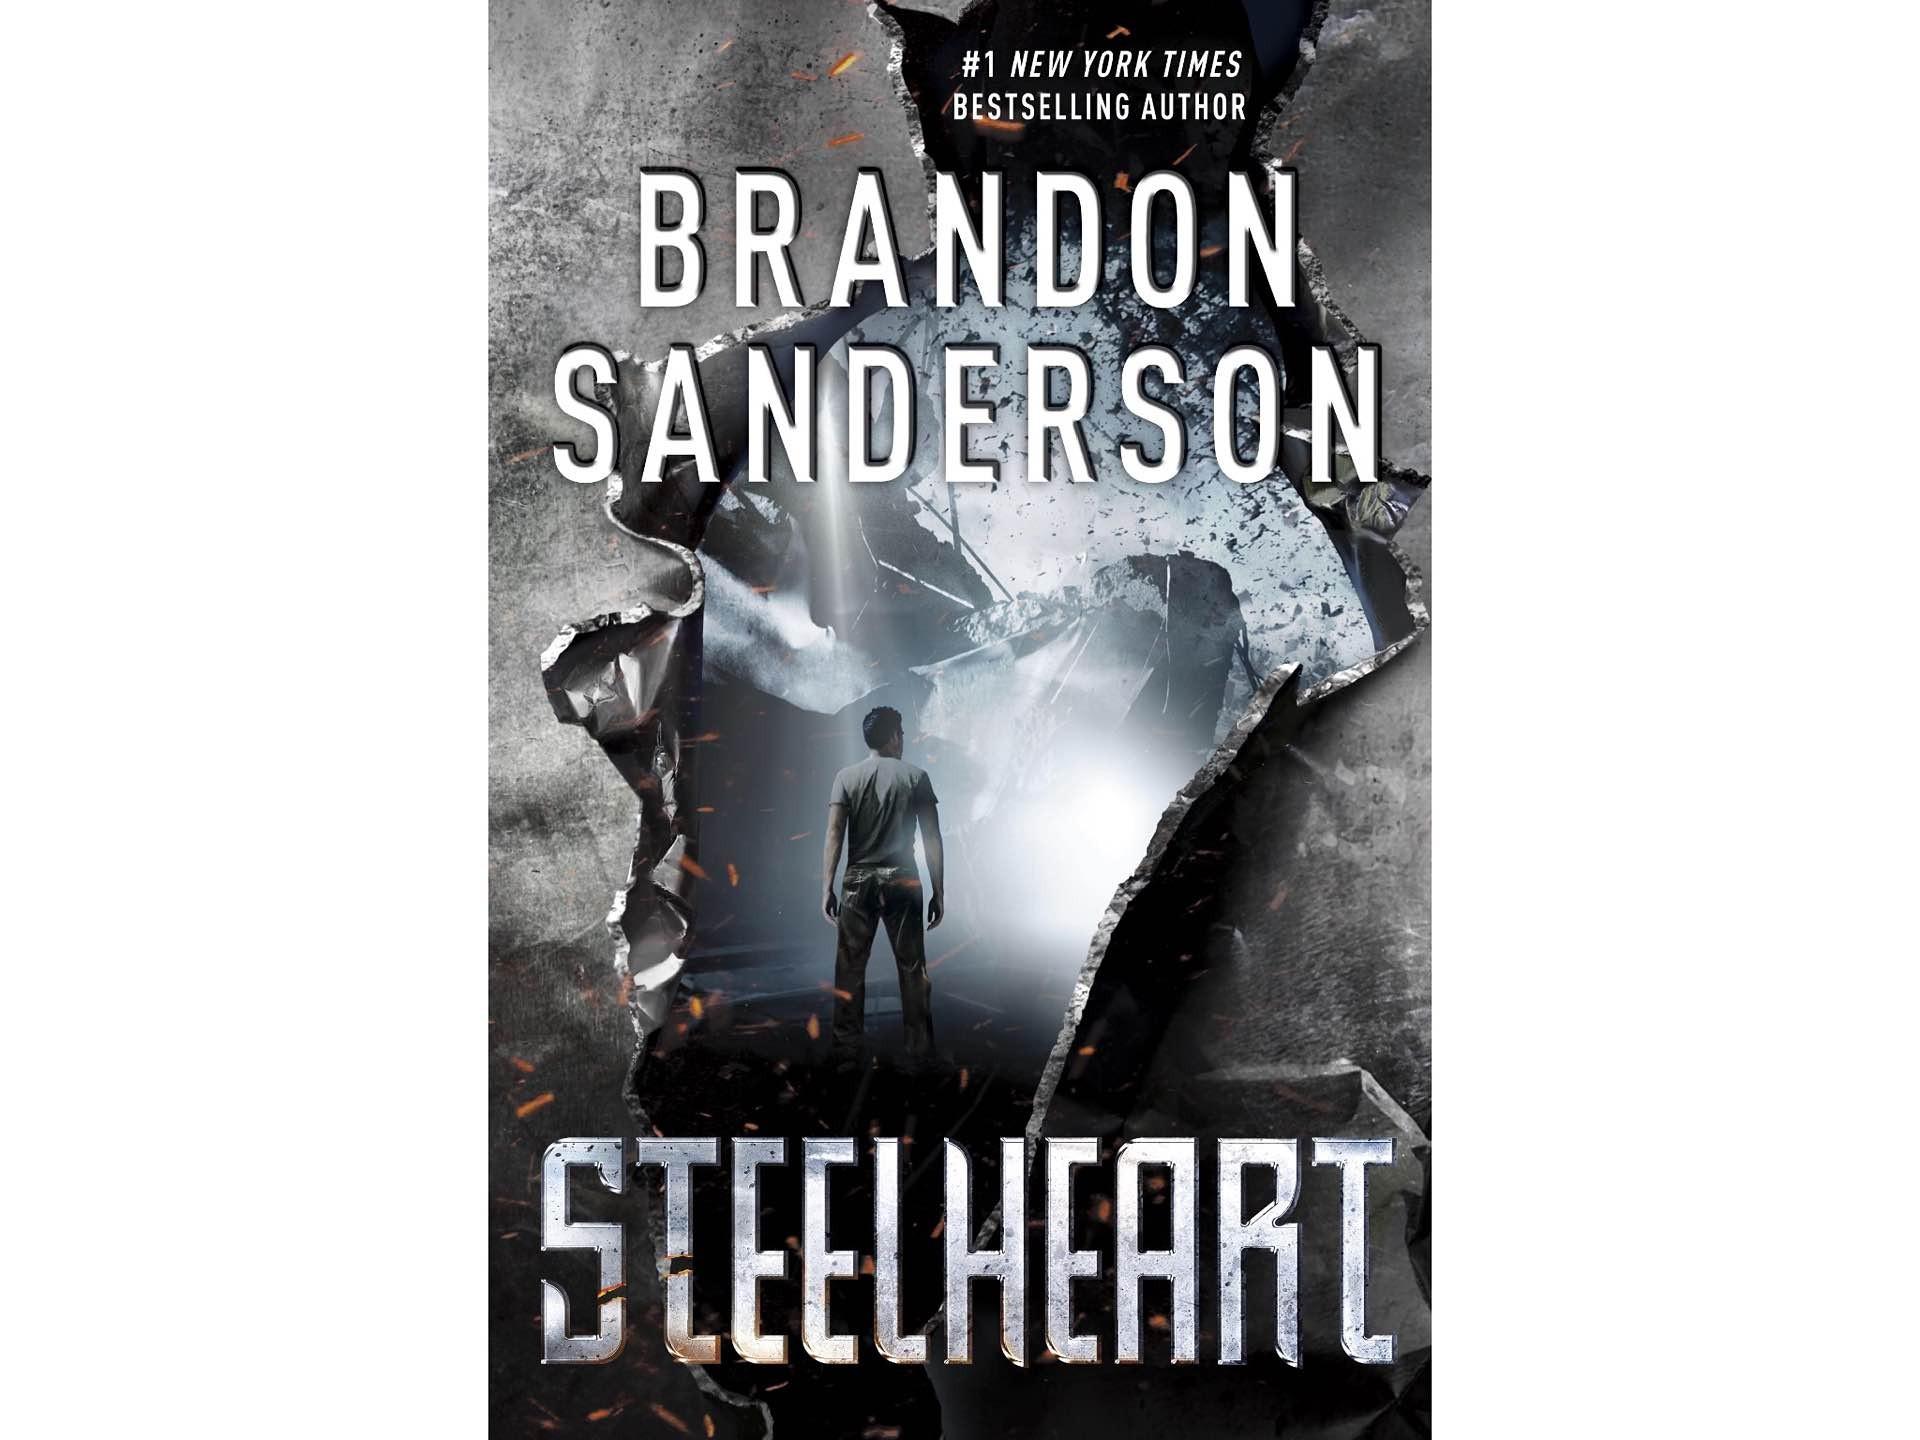 Steelheart by Brandon Sanderson.